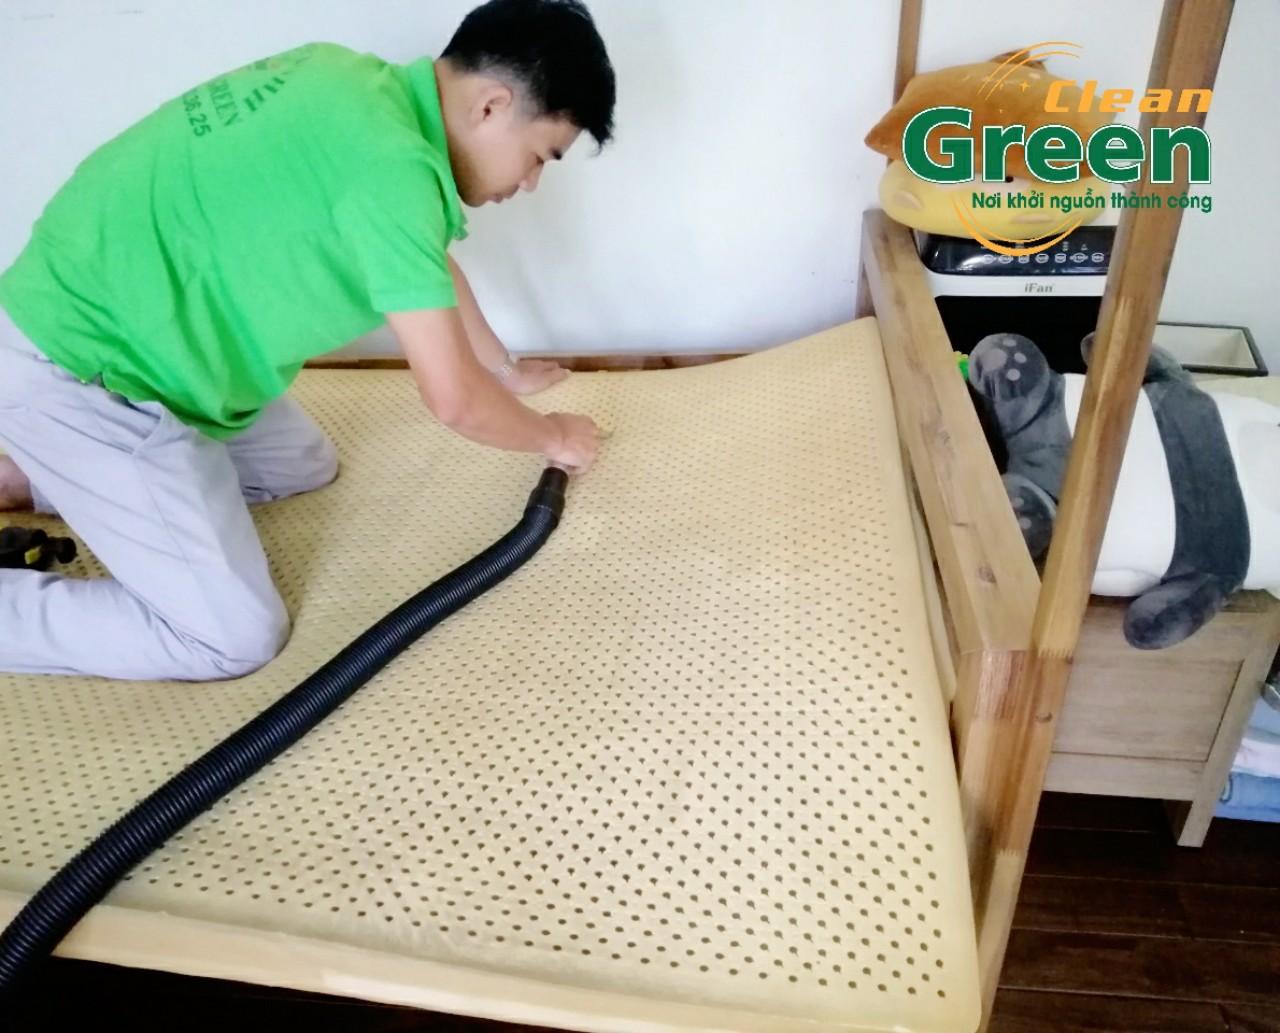 Green Clean - Hướng dẫn cách xử lý nệm bị ướt cực kỳ hiệu quả